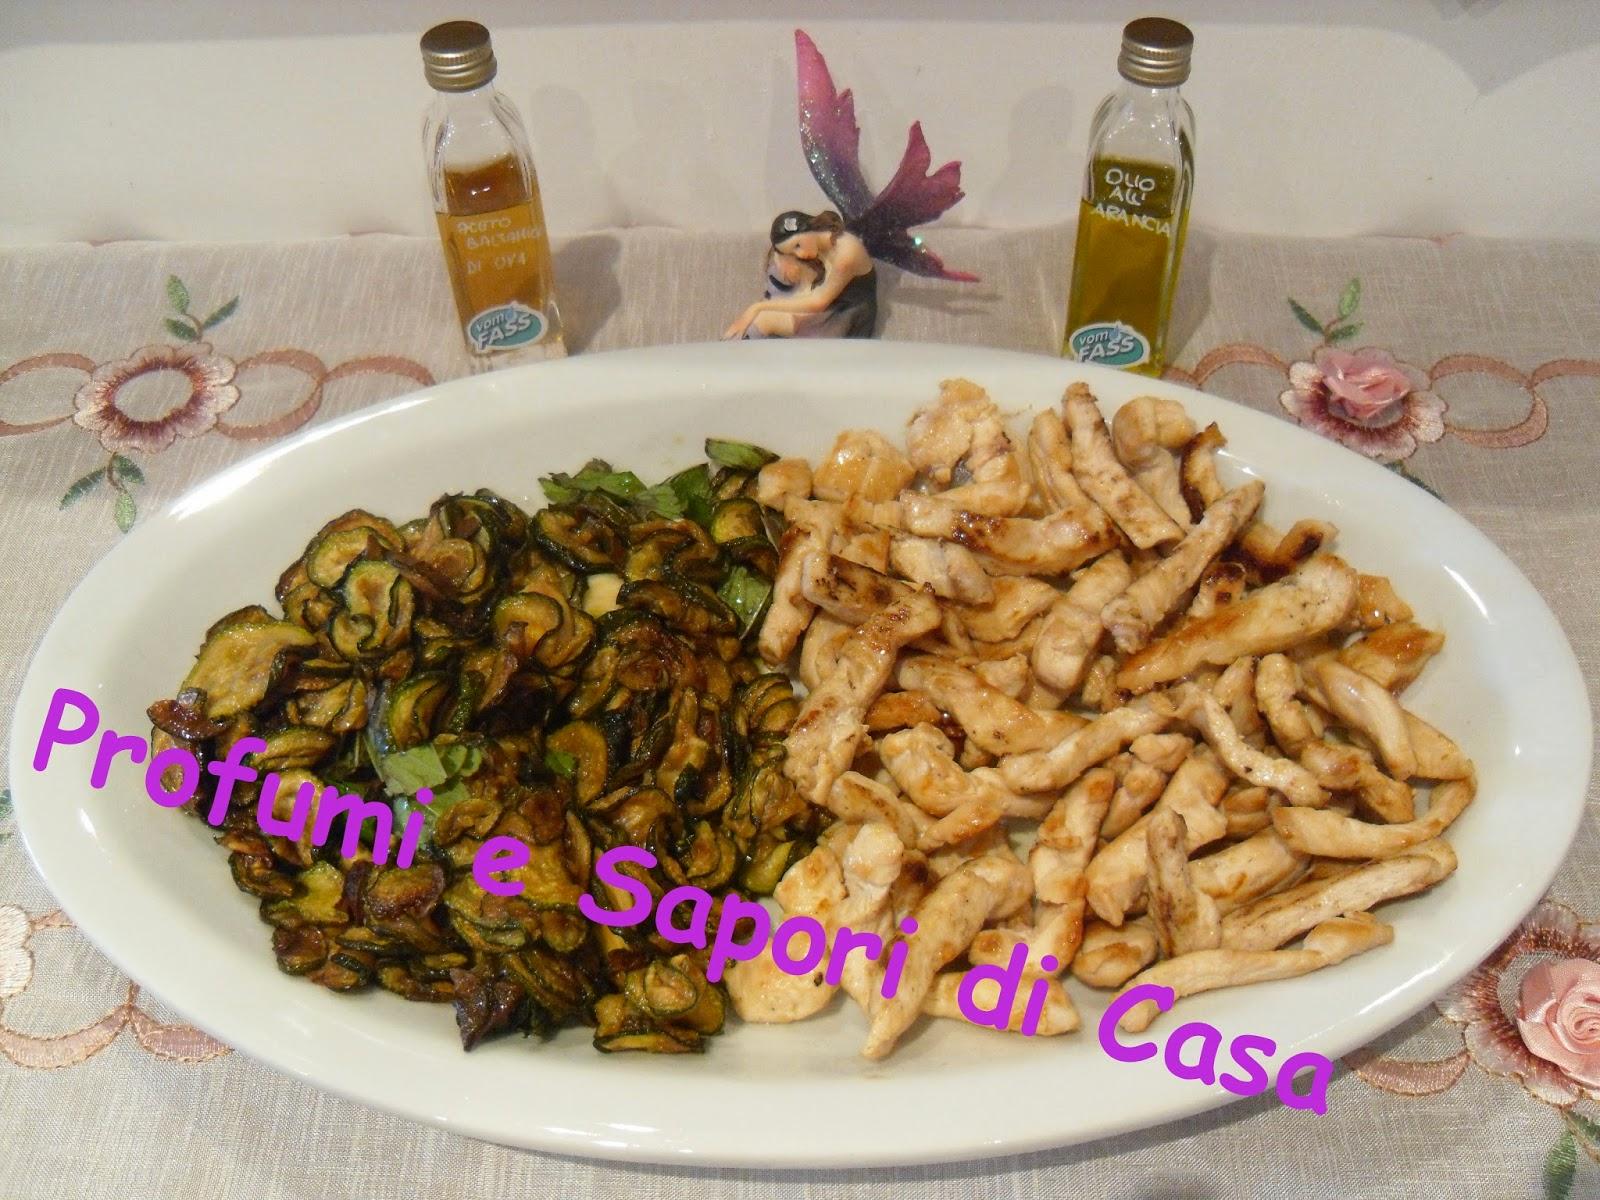 straccetti di pollo arrostiti all'olio d'oliva all'arancia vom fass con zucchine alla scapece all'aceto balsamico d'uva vom fass